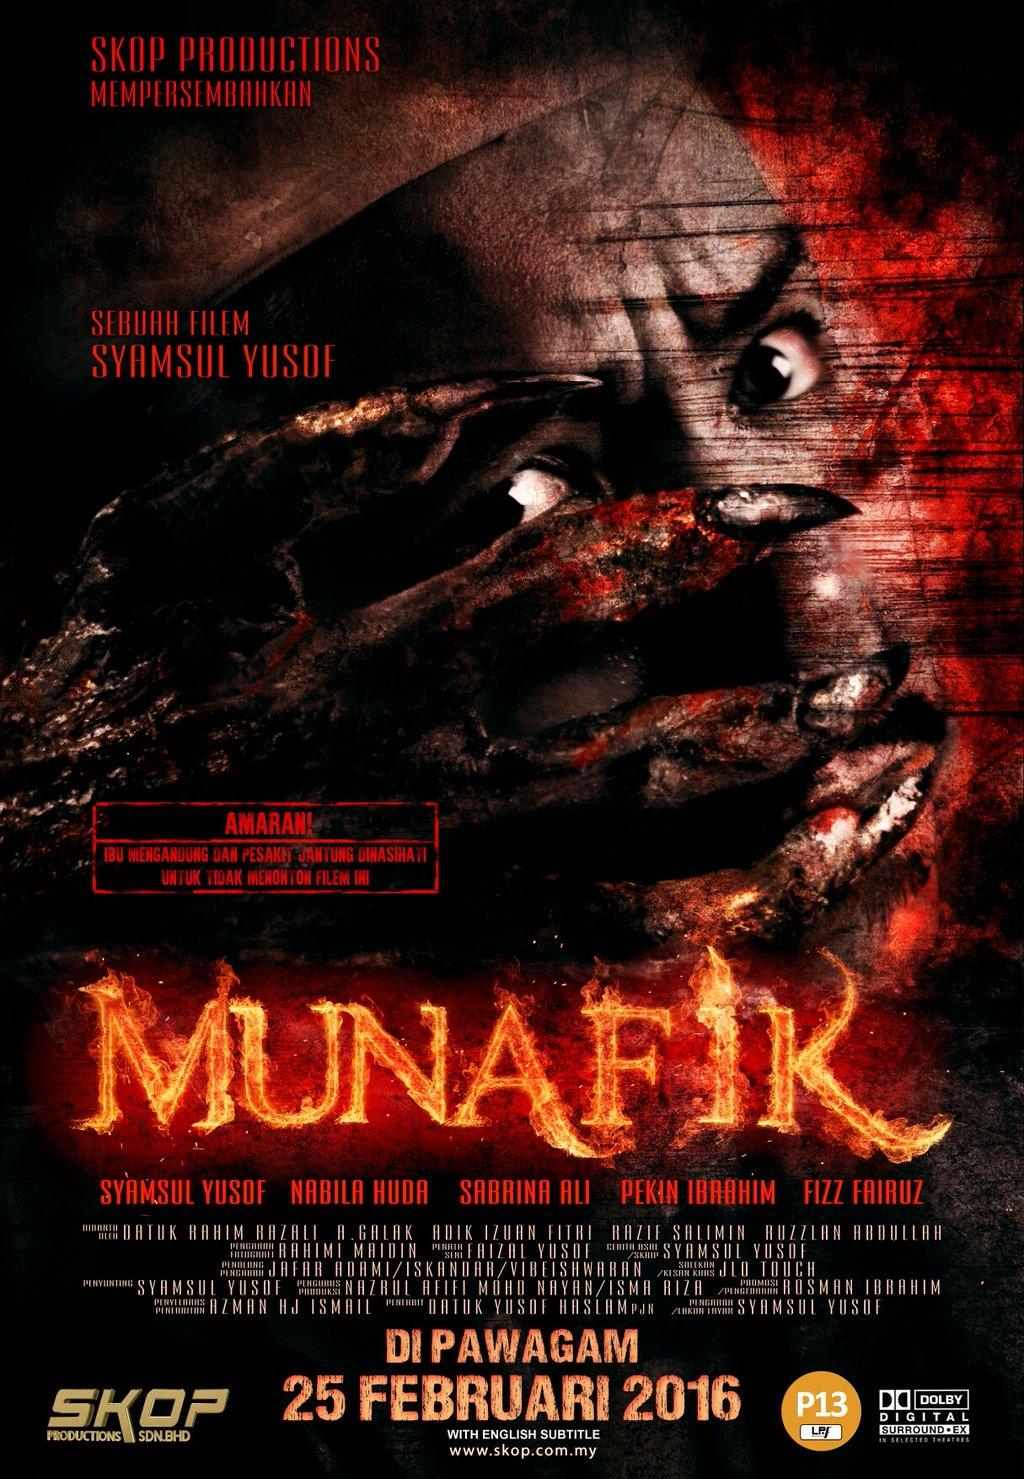 munafik 2016 imdb